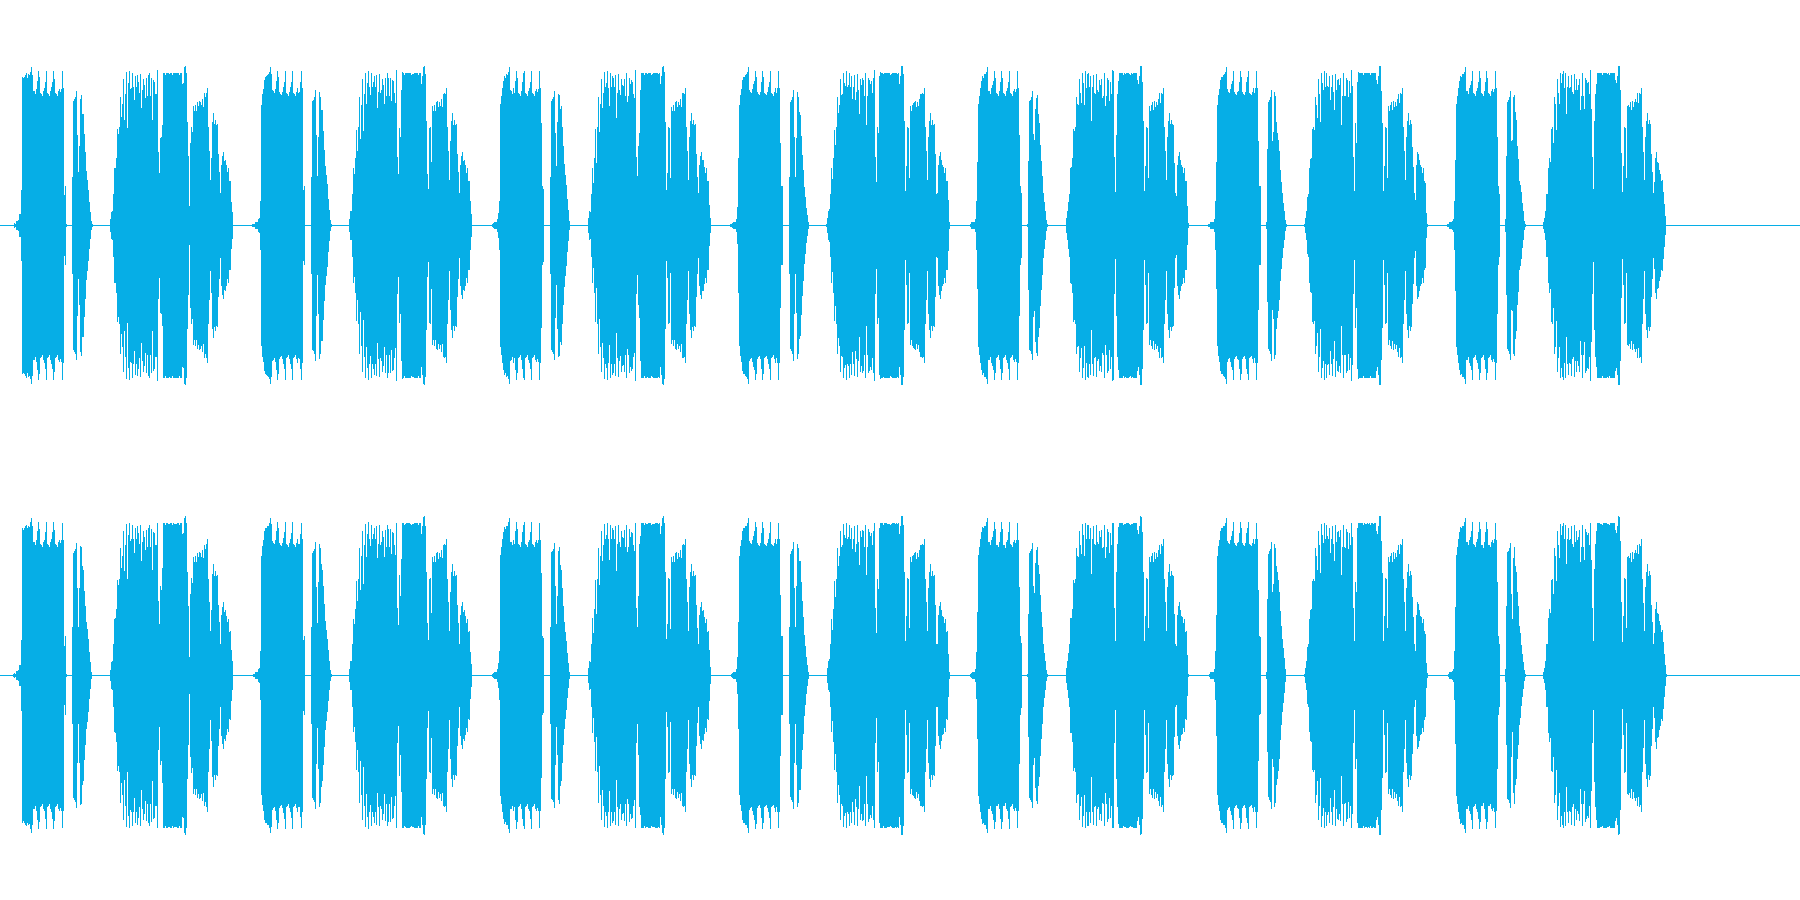 ビチョビチョビチョ(歩行)の再生済みの波形